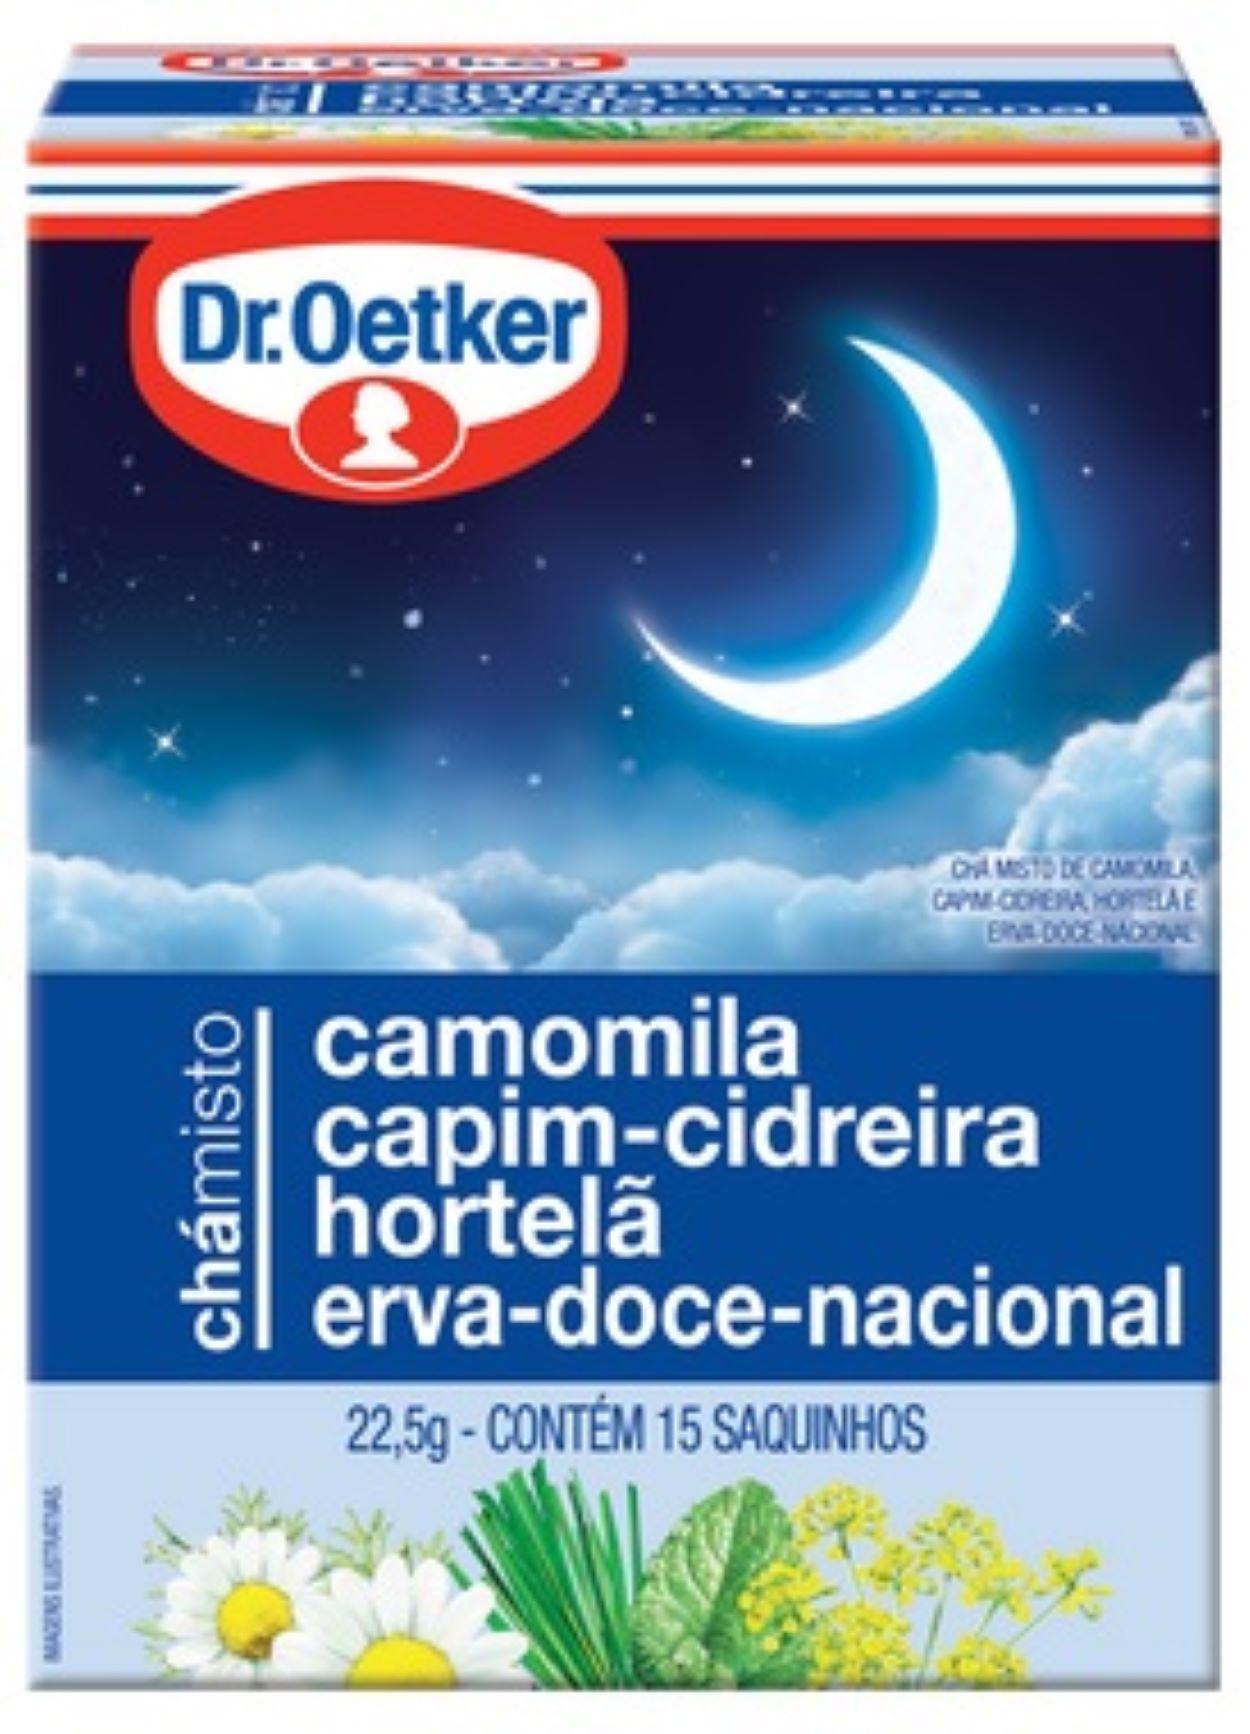 CHÁ MISTO- CAMOMILA, CAPIM CIDREIRA, HORTELÃ E ERVA DOCE NACIONAL -DR OETKER